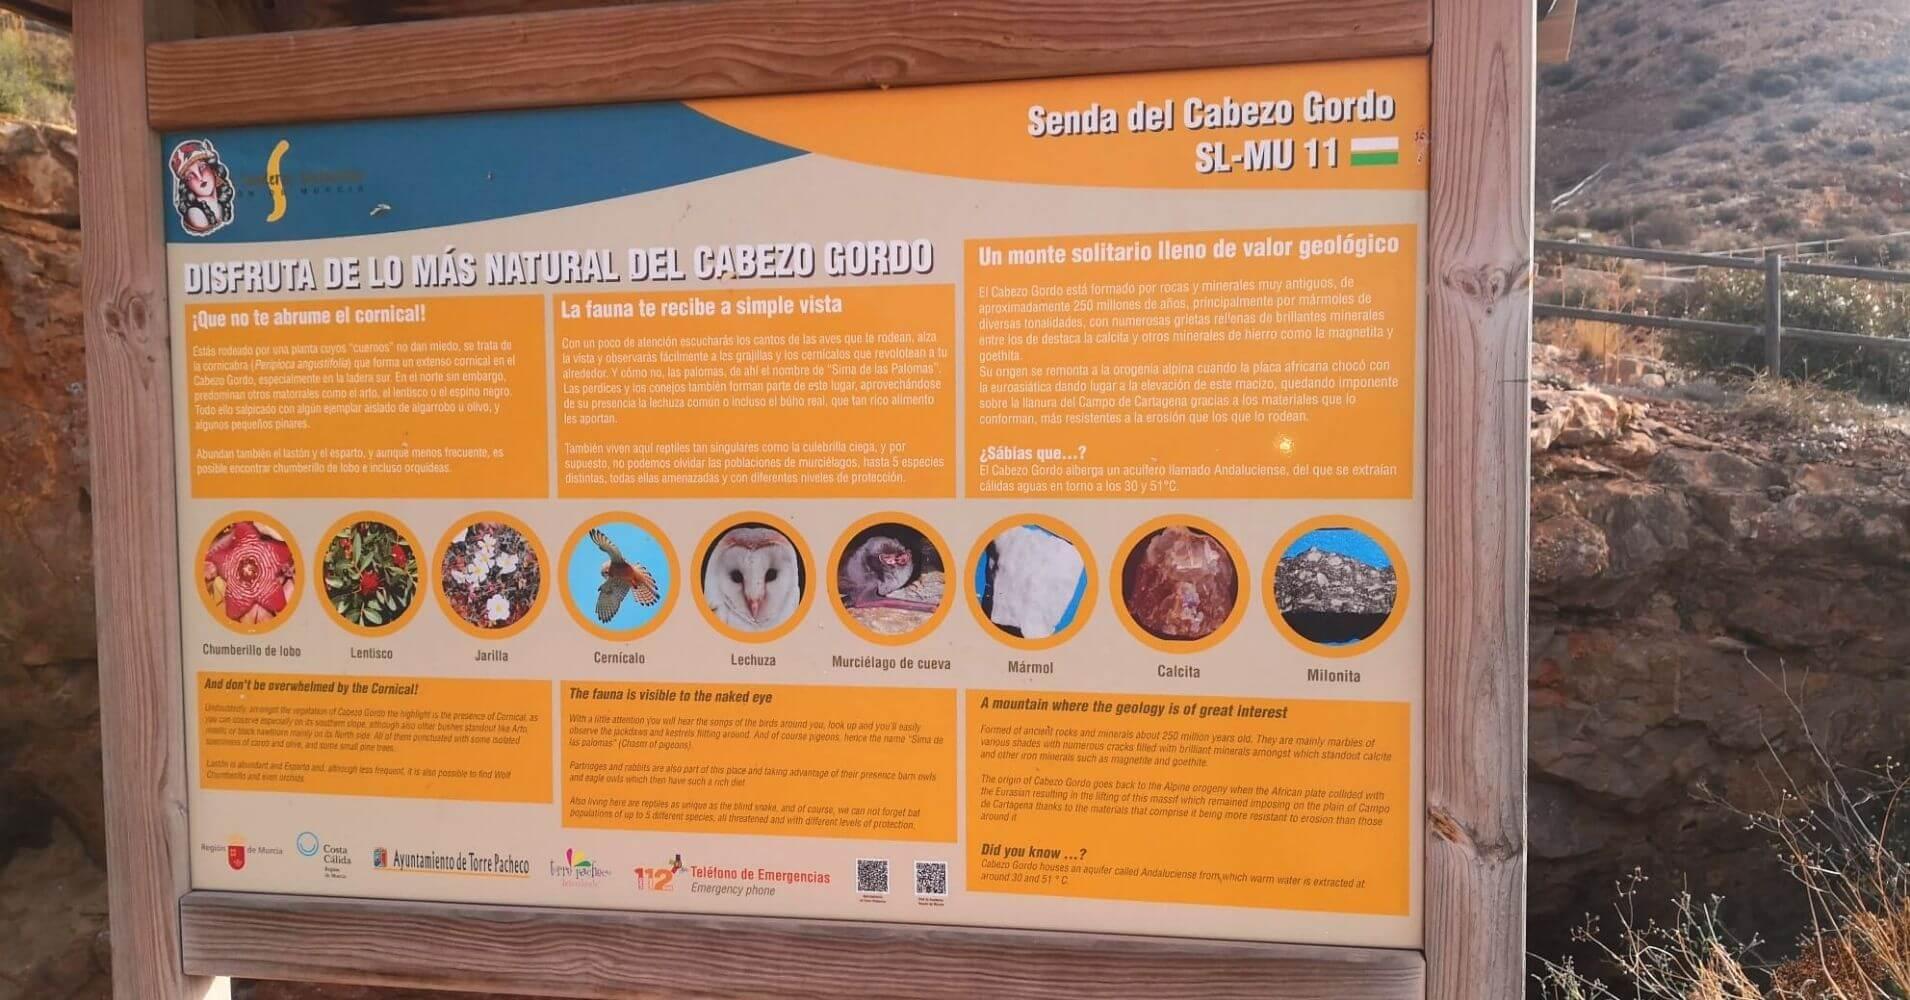 Panel Informativo del Sendero Local SL-MU 11 Cabezo Gordo. Torre Pachecho. Murcia.